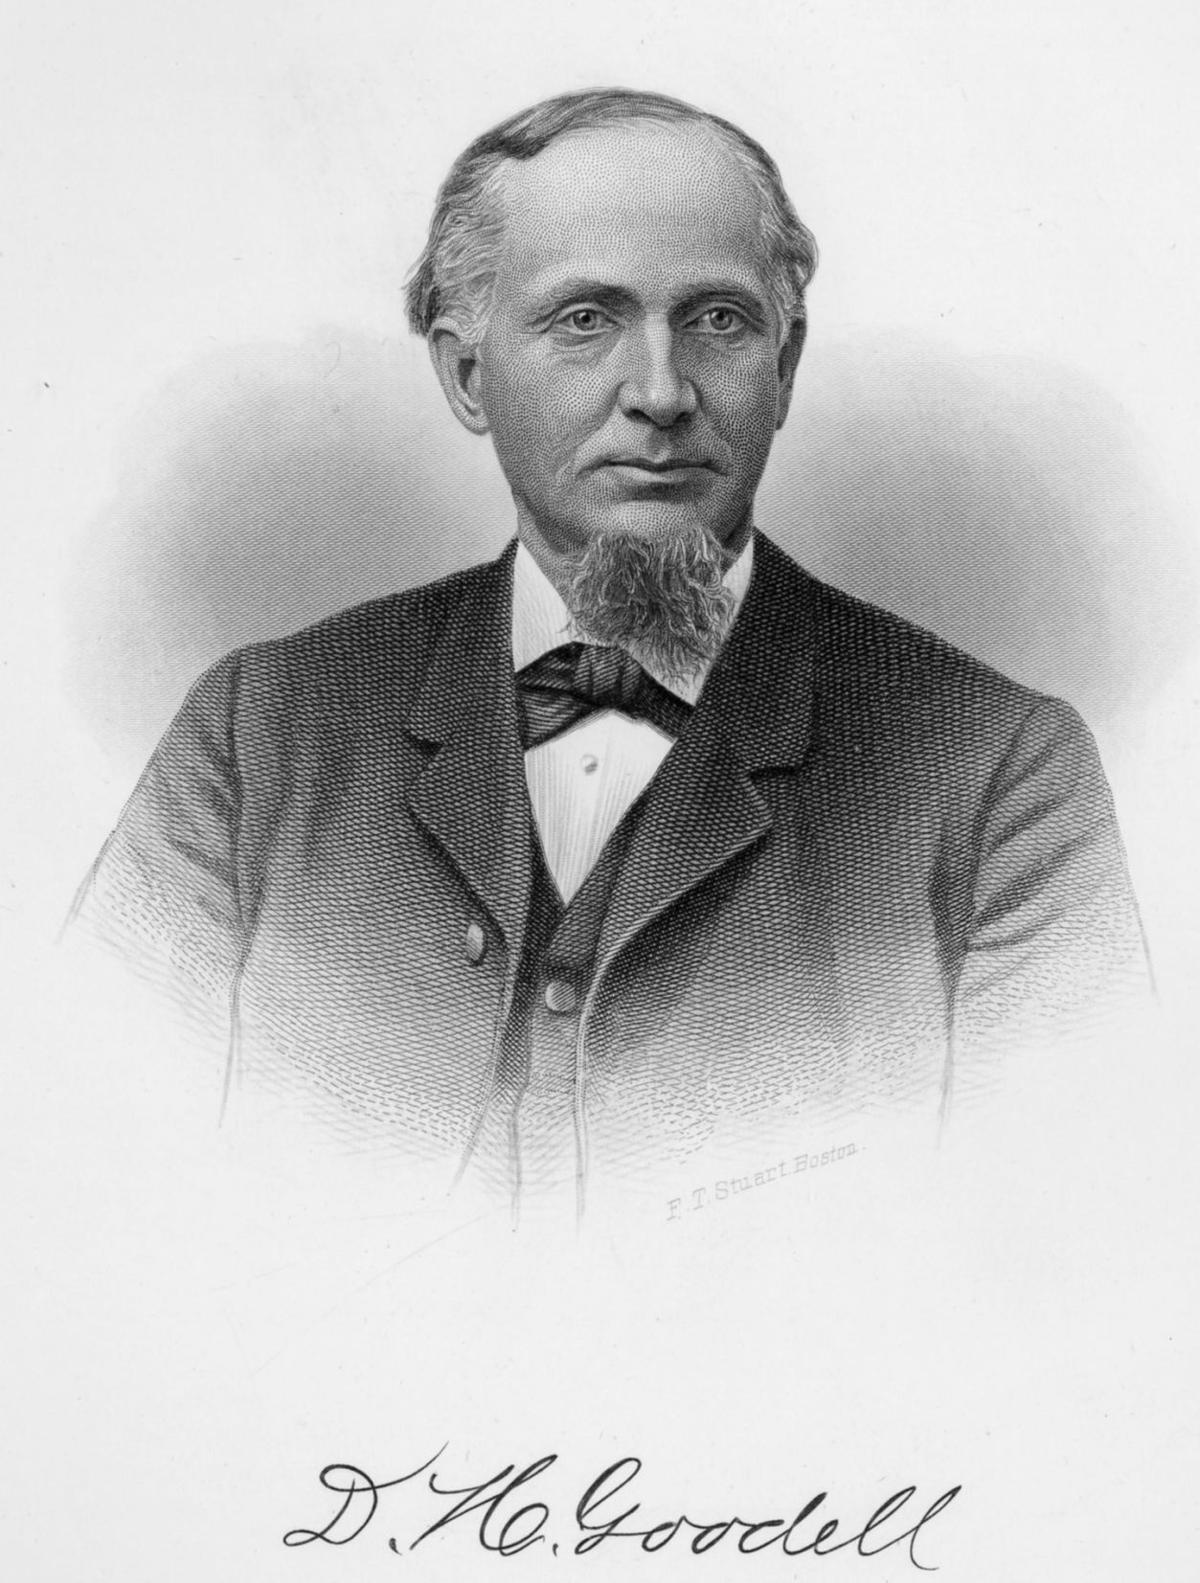 David H. Goodell